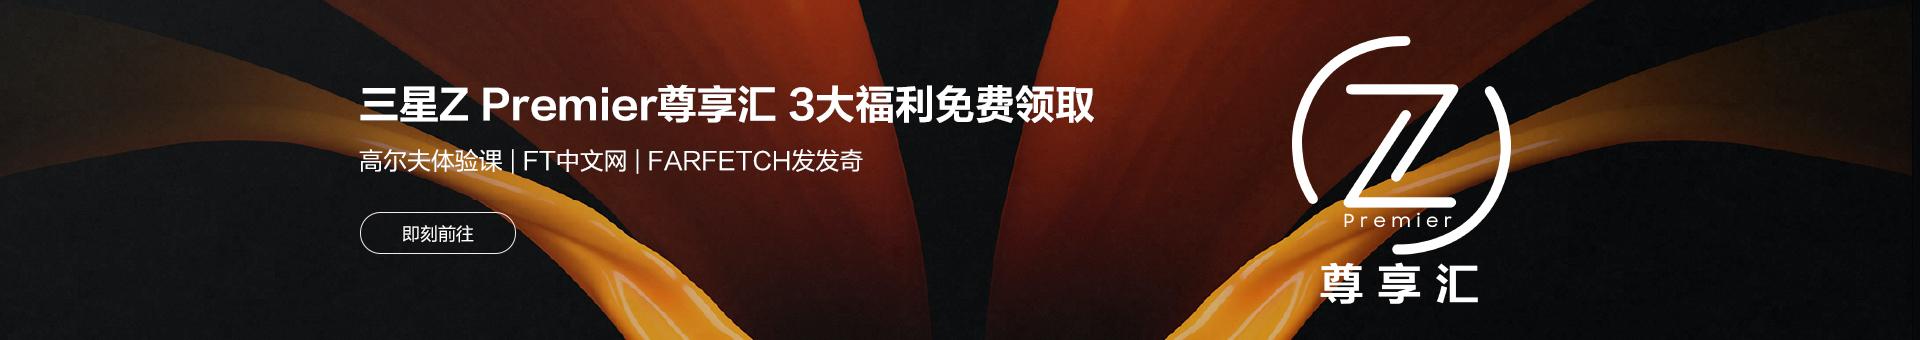 邀Galaxy Z Fold2 5G用户 一同体验品质生活